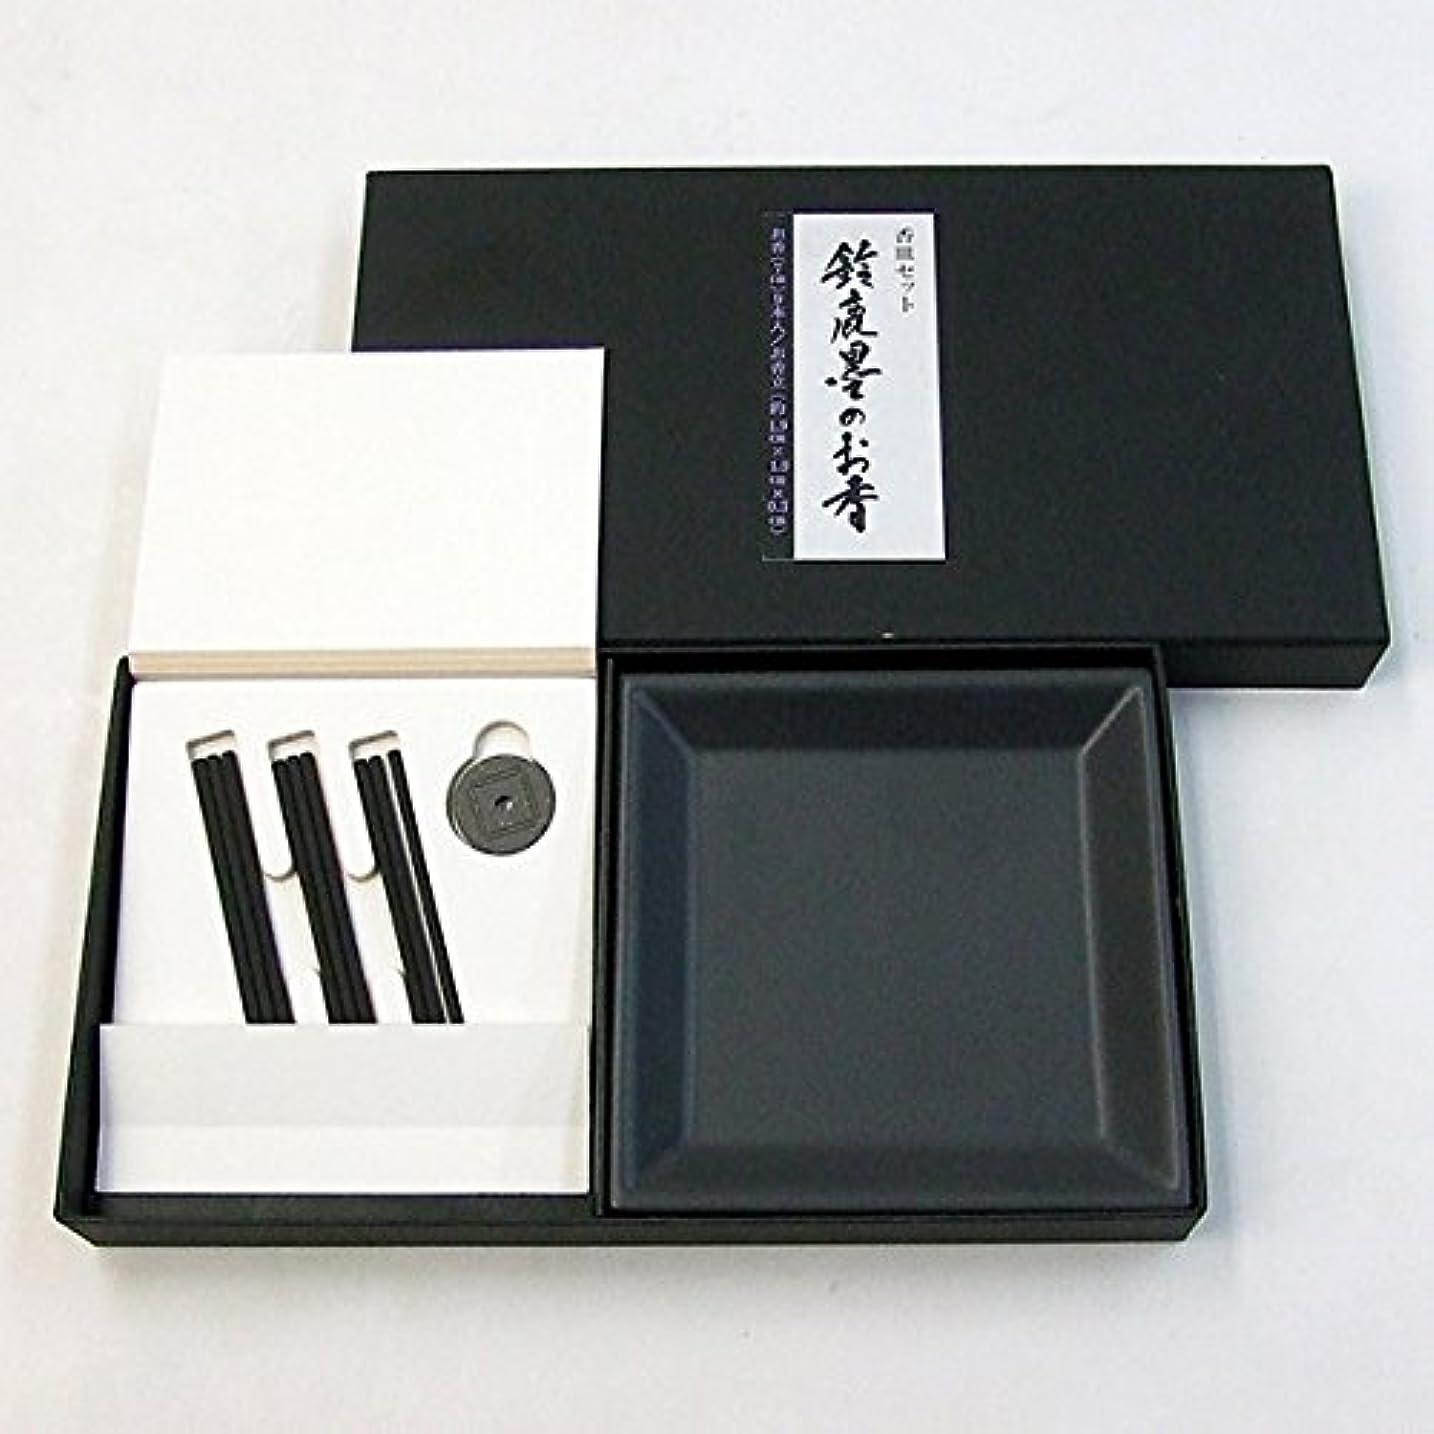 発表正確なモニター鈴鹿墨のお香 香皿セット